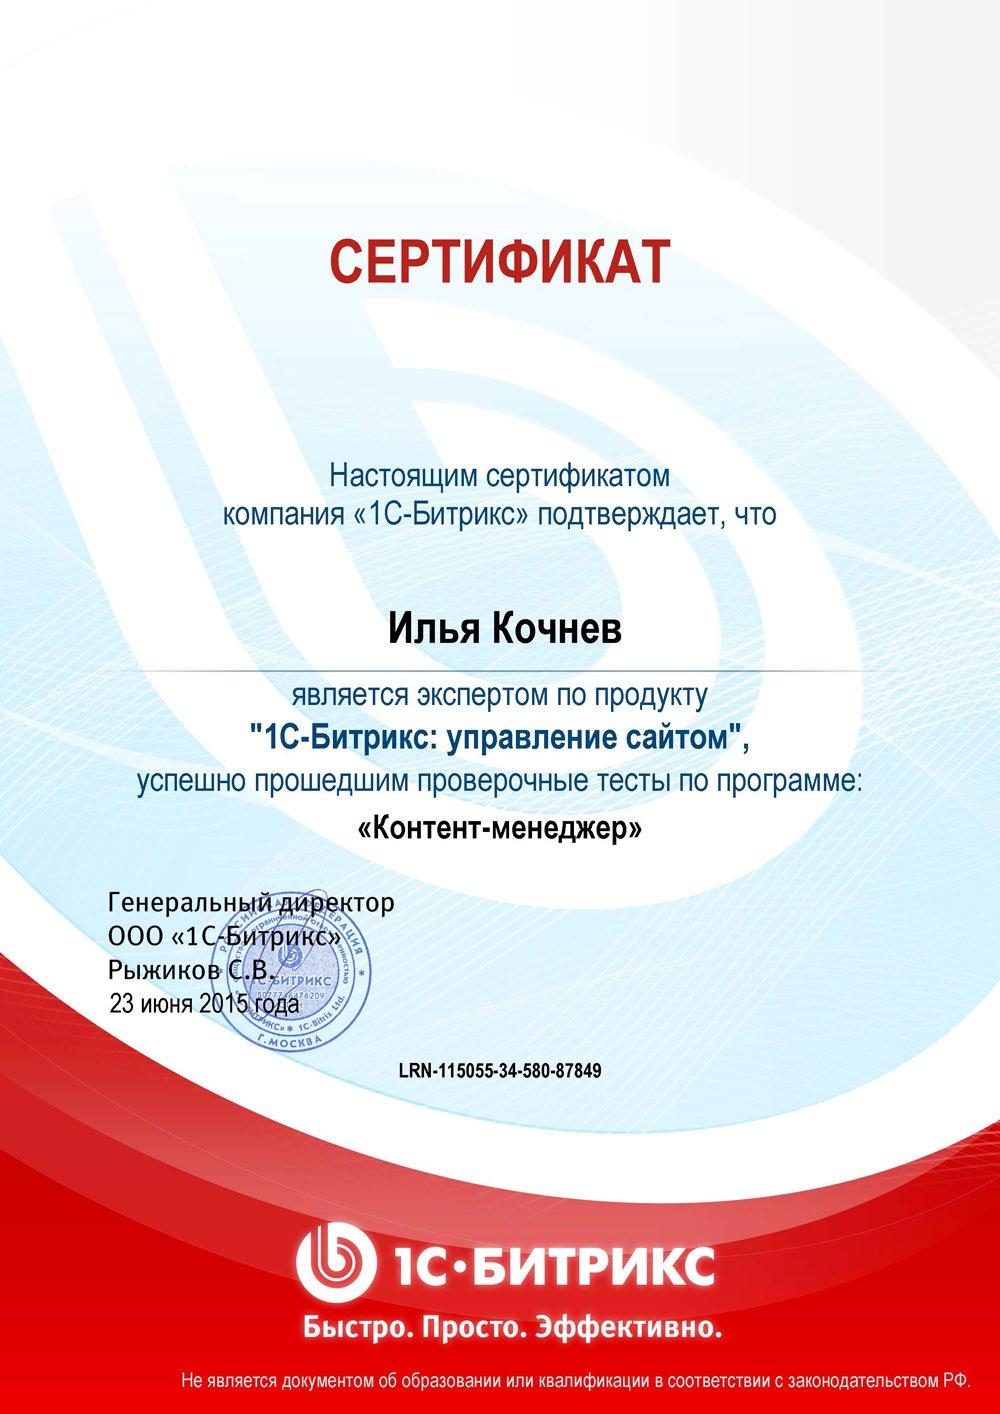 Илья Кочнев. Сертифицированный специалист. «Контент-менеджер» 1С-Битрикс